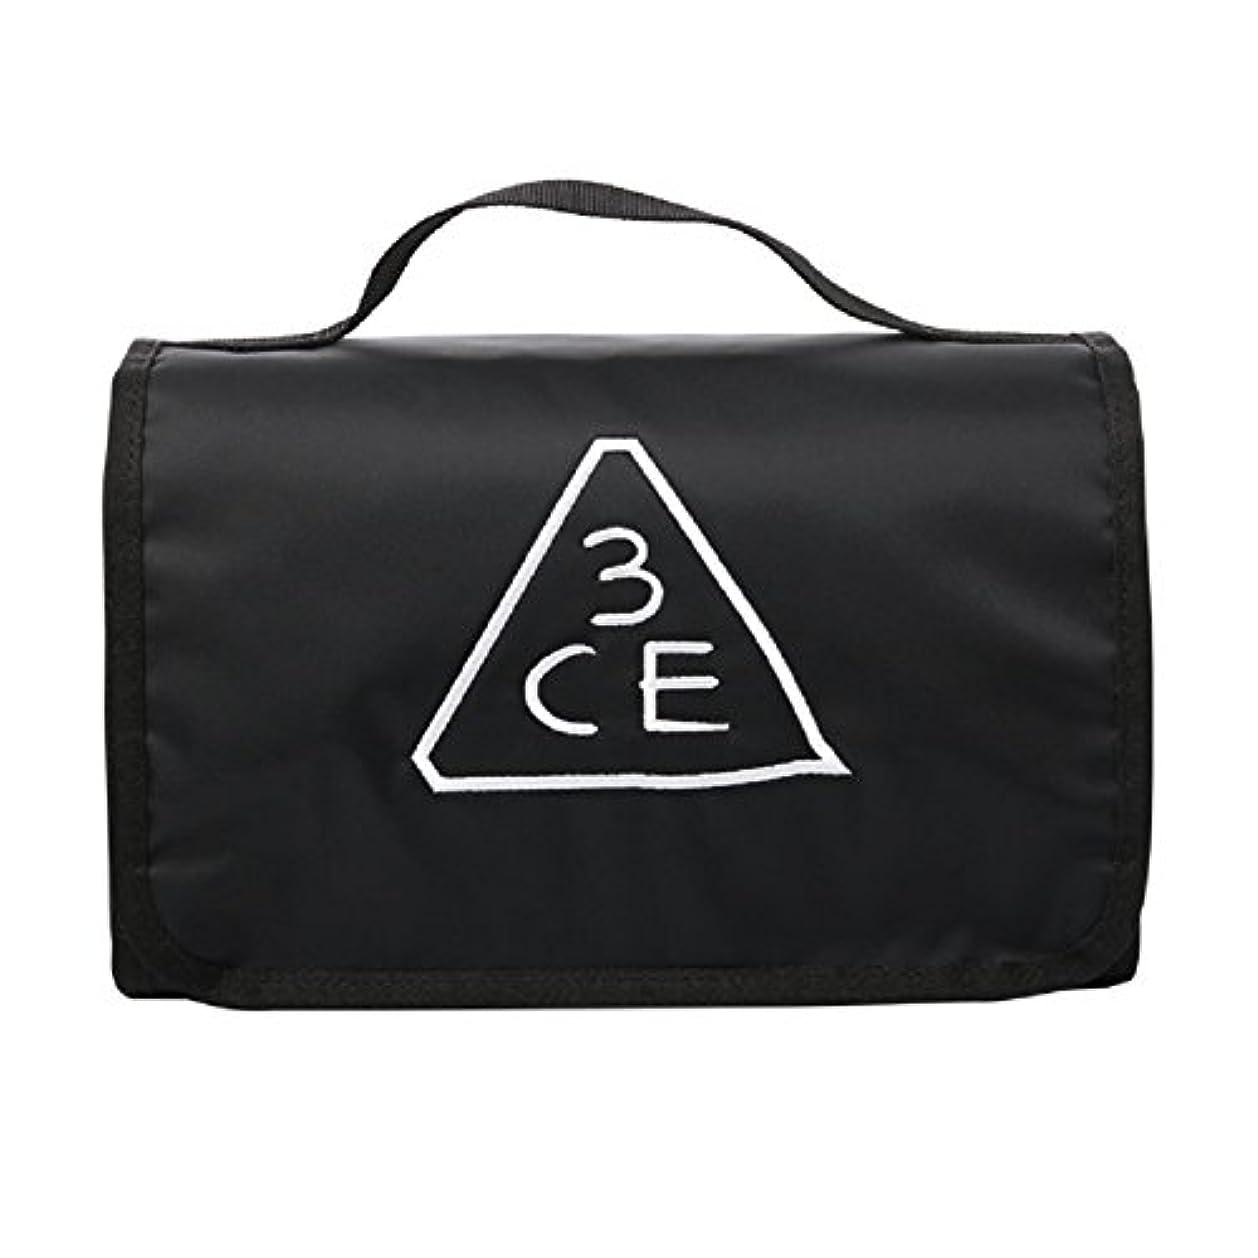 回転させる騒認知3CE(3 CONCEPT EYES) WASH BAG ワッシュバッグ BIG SIZE COSMETIC POUCH 大きなサイズの化粧品のポ BLACK FREE SIZE [韓国並行輸入品]